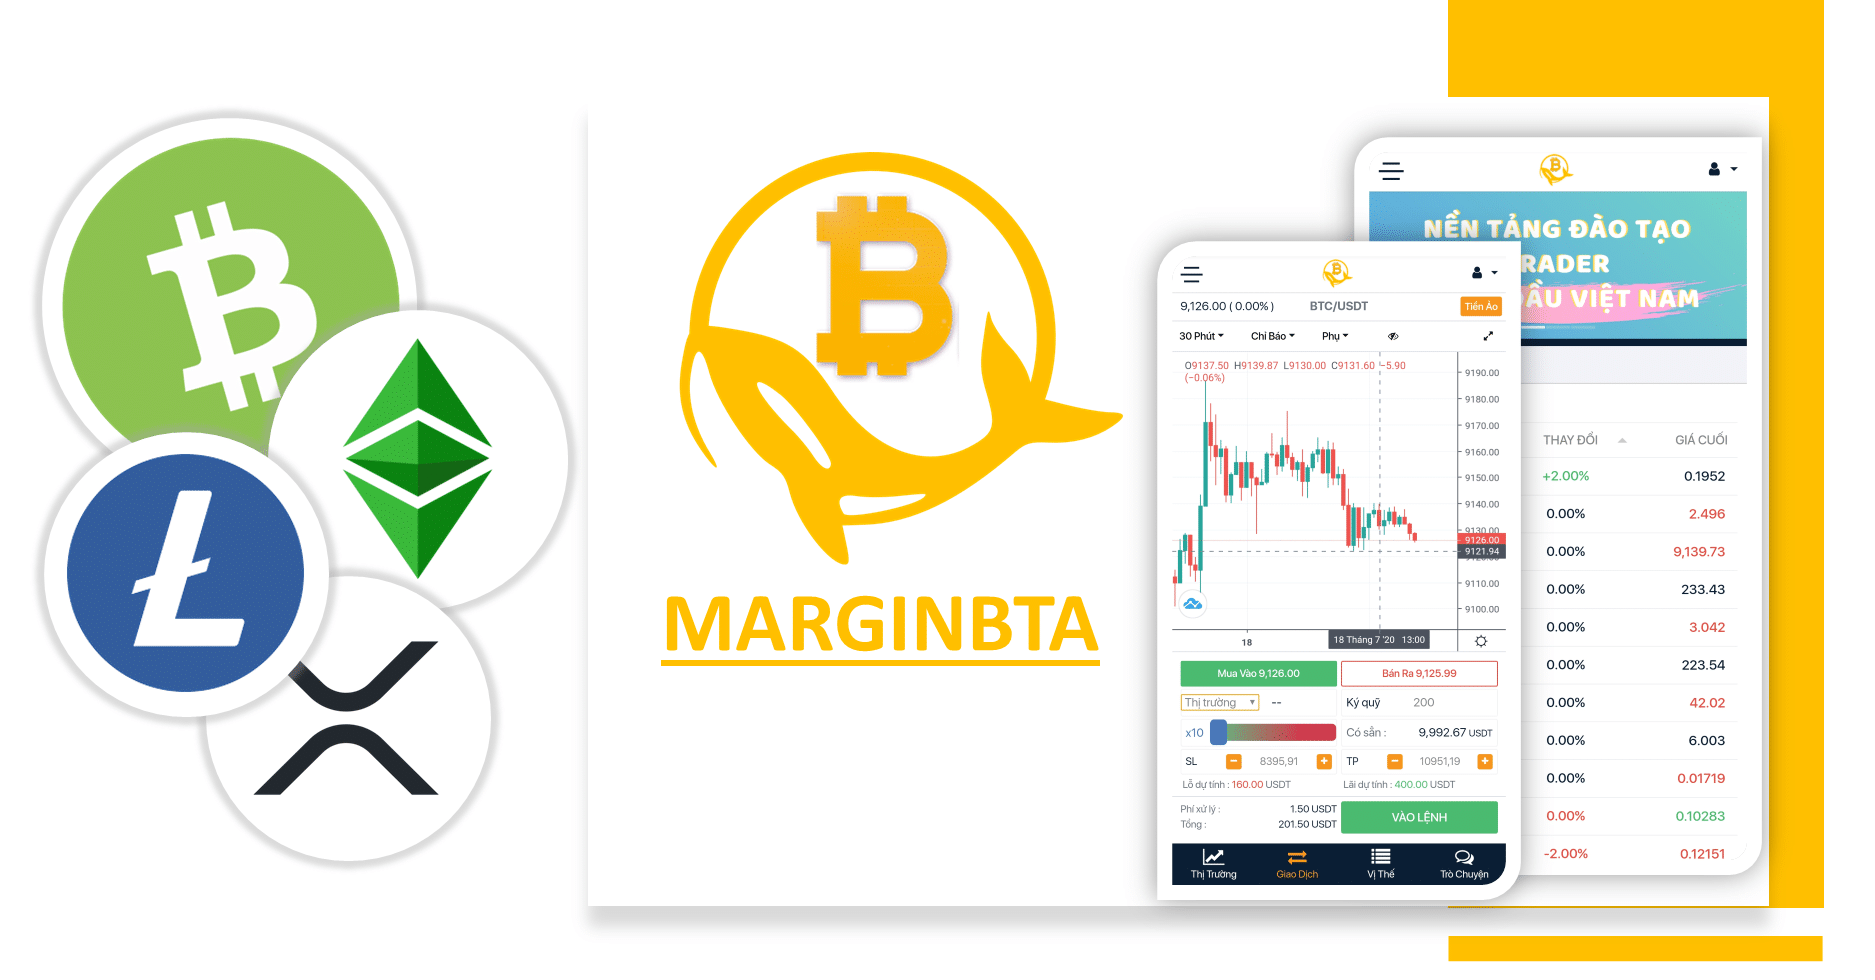 What is marginbta